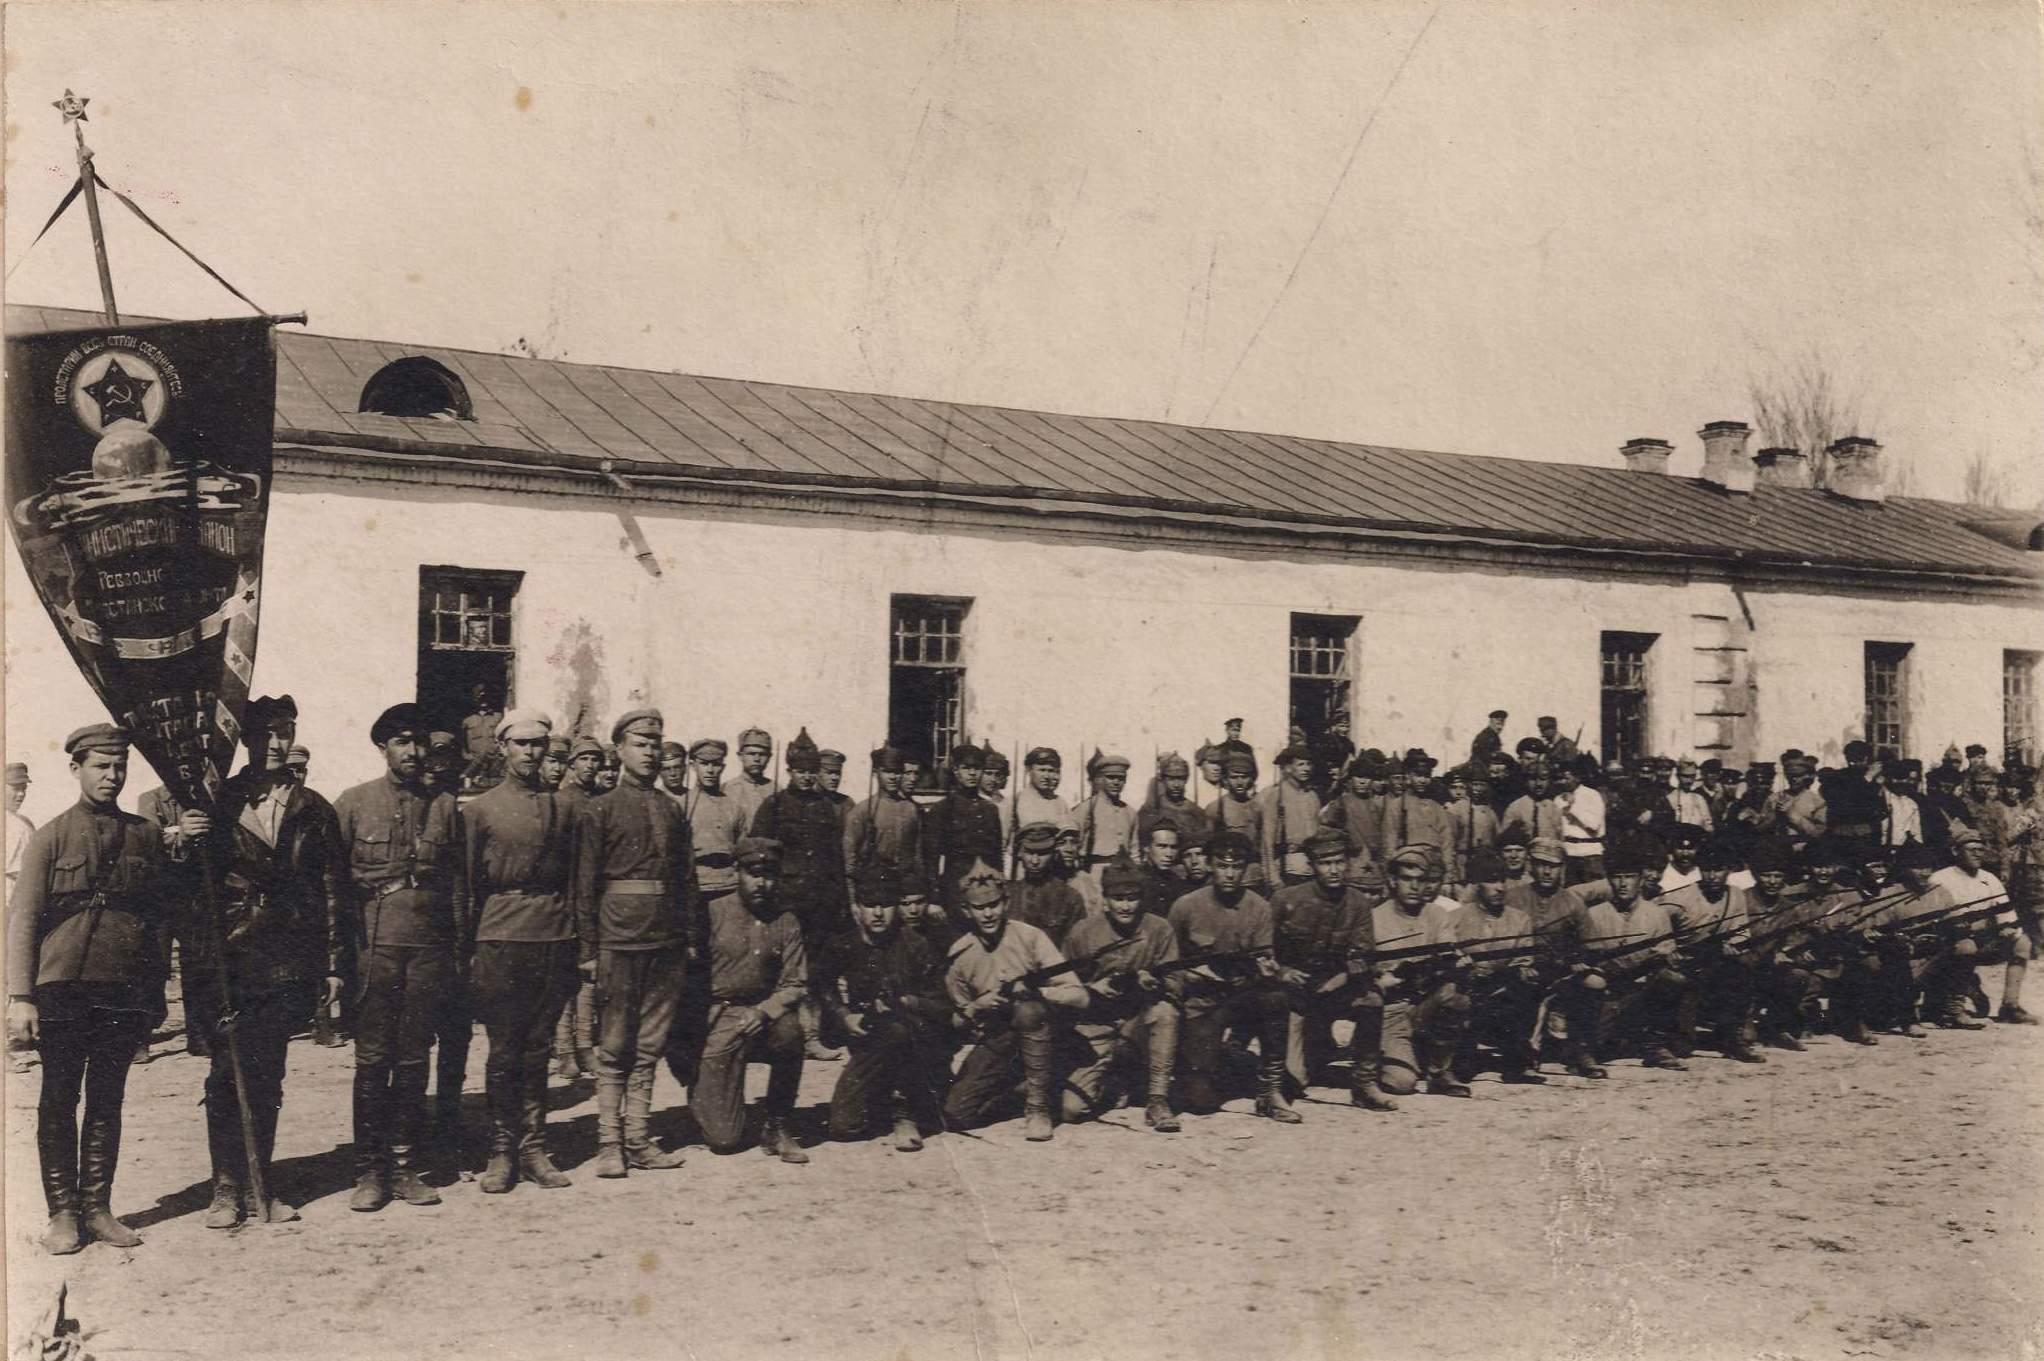 1922. 1 рота 3 батальона ЧОН Сирдарьинской области, г. Ташкент